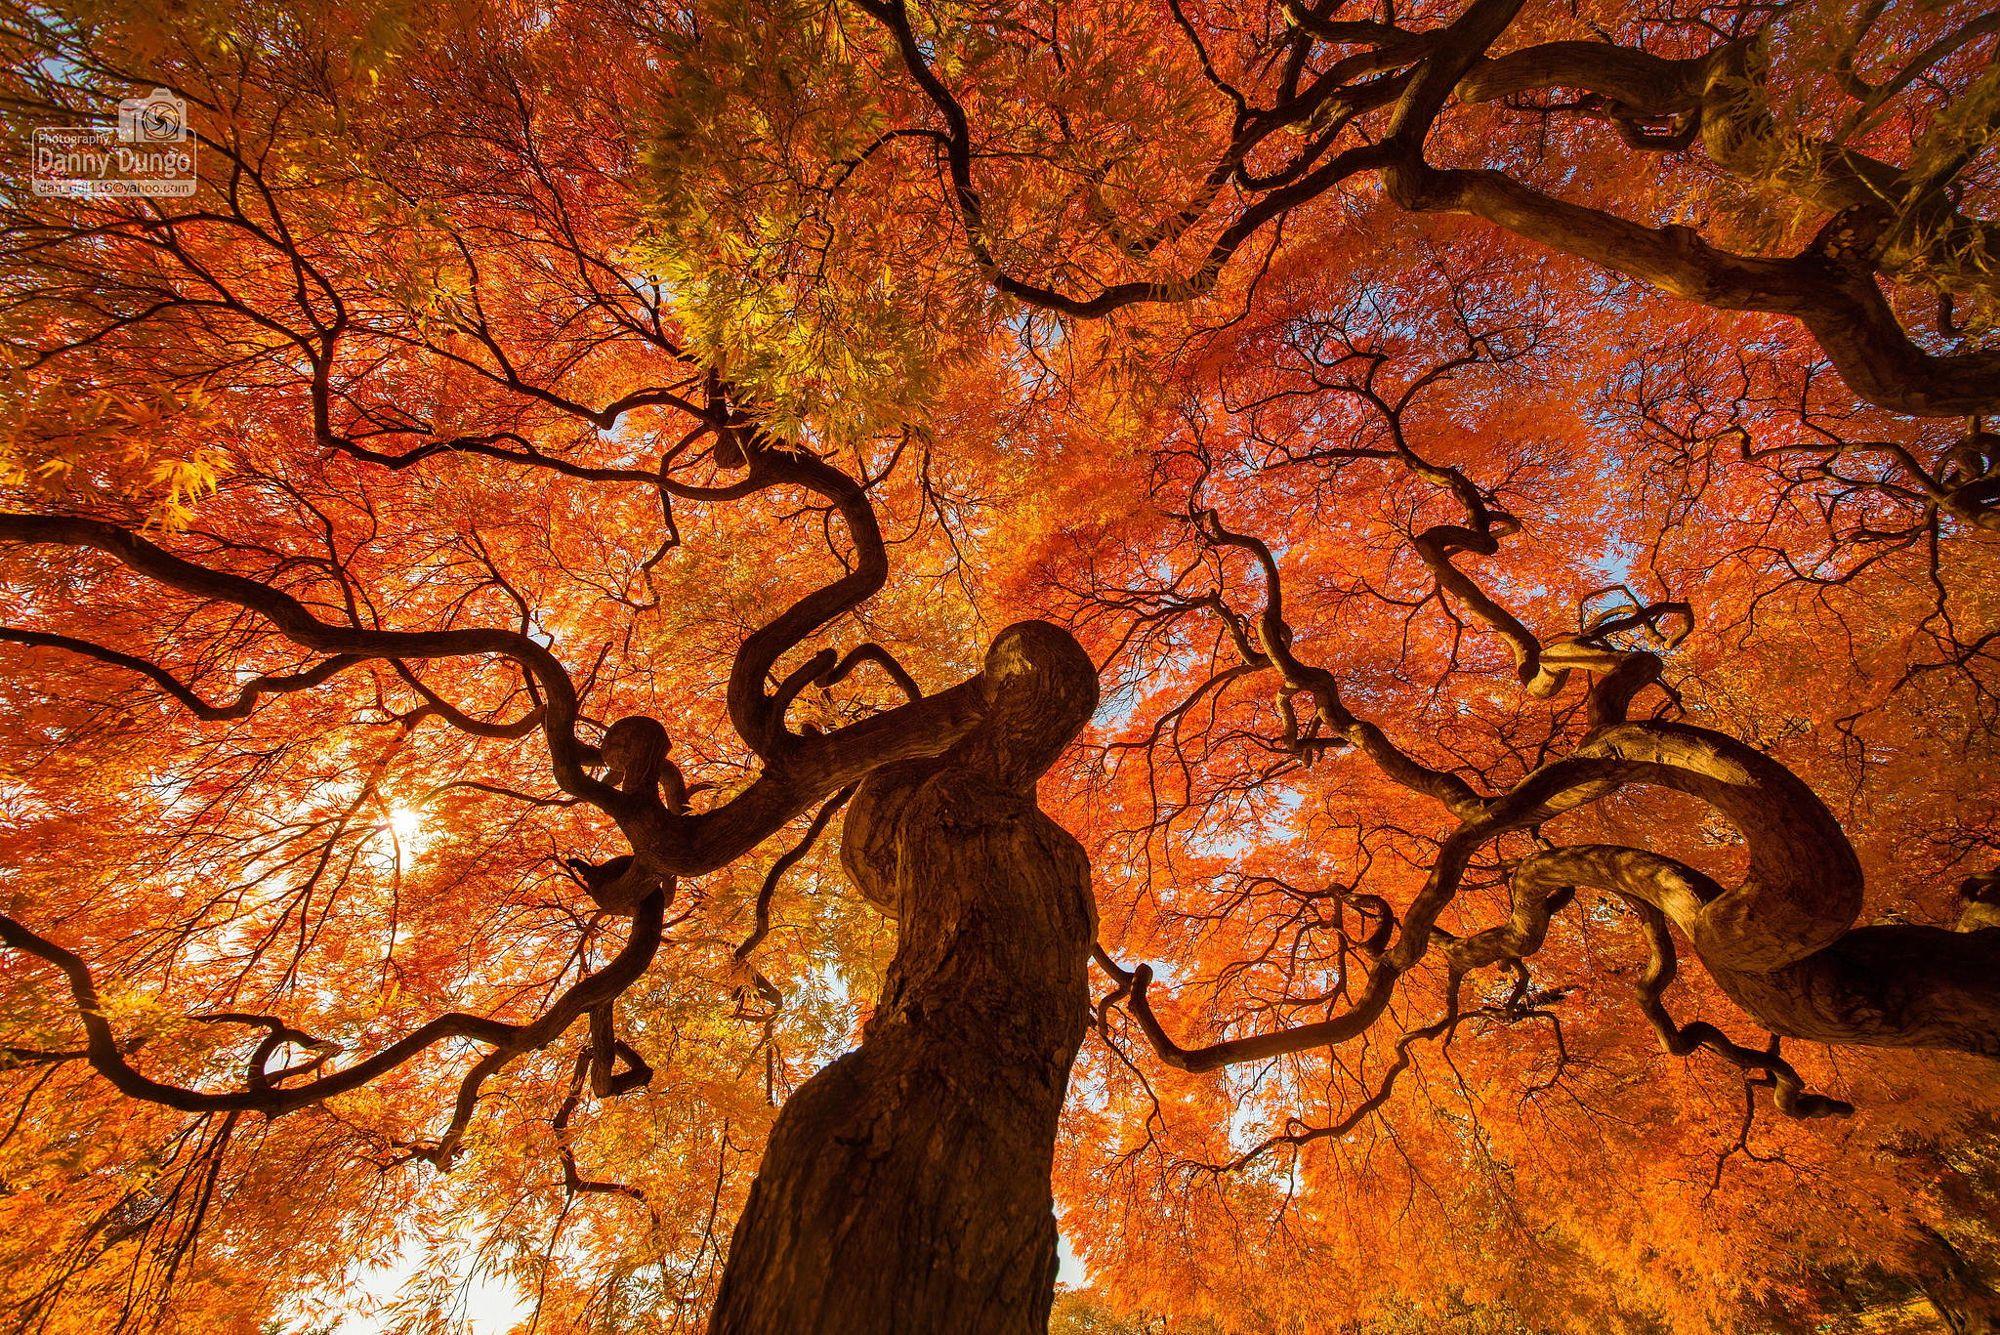 Autumn tree at shinjuku gyoen national park at Tokyo